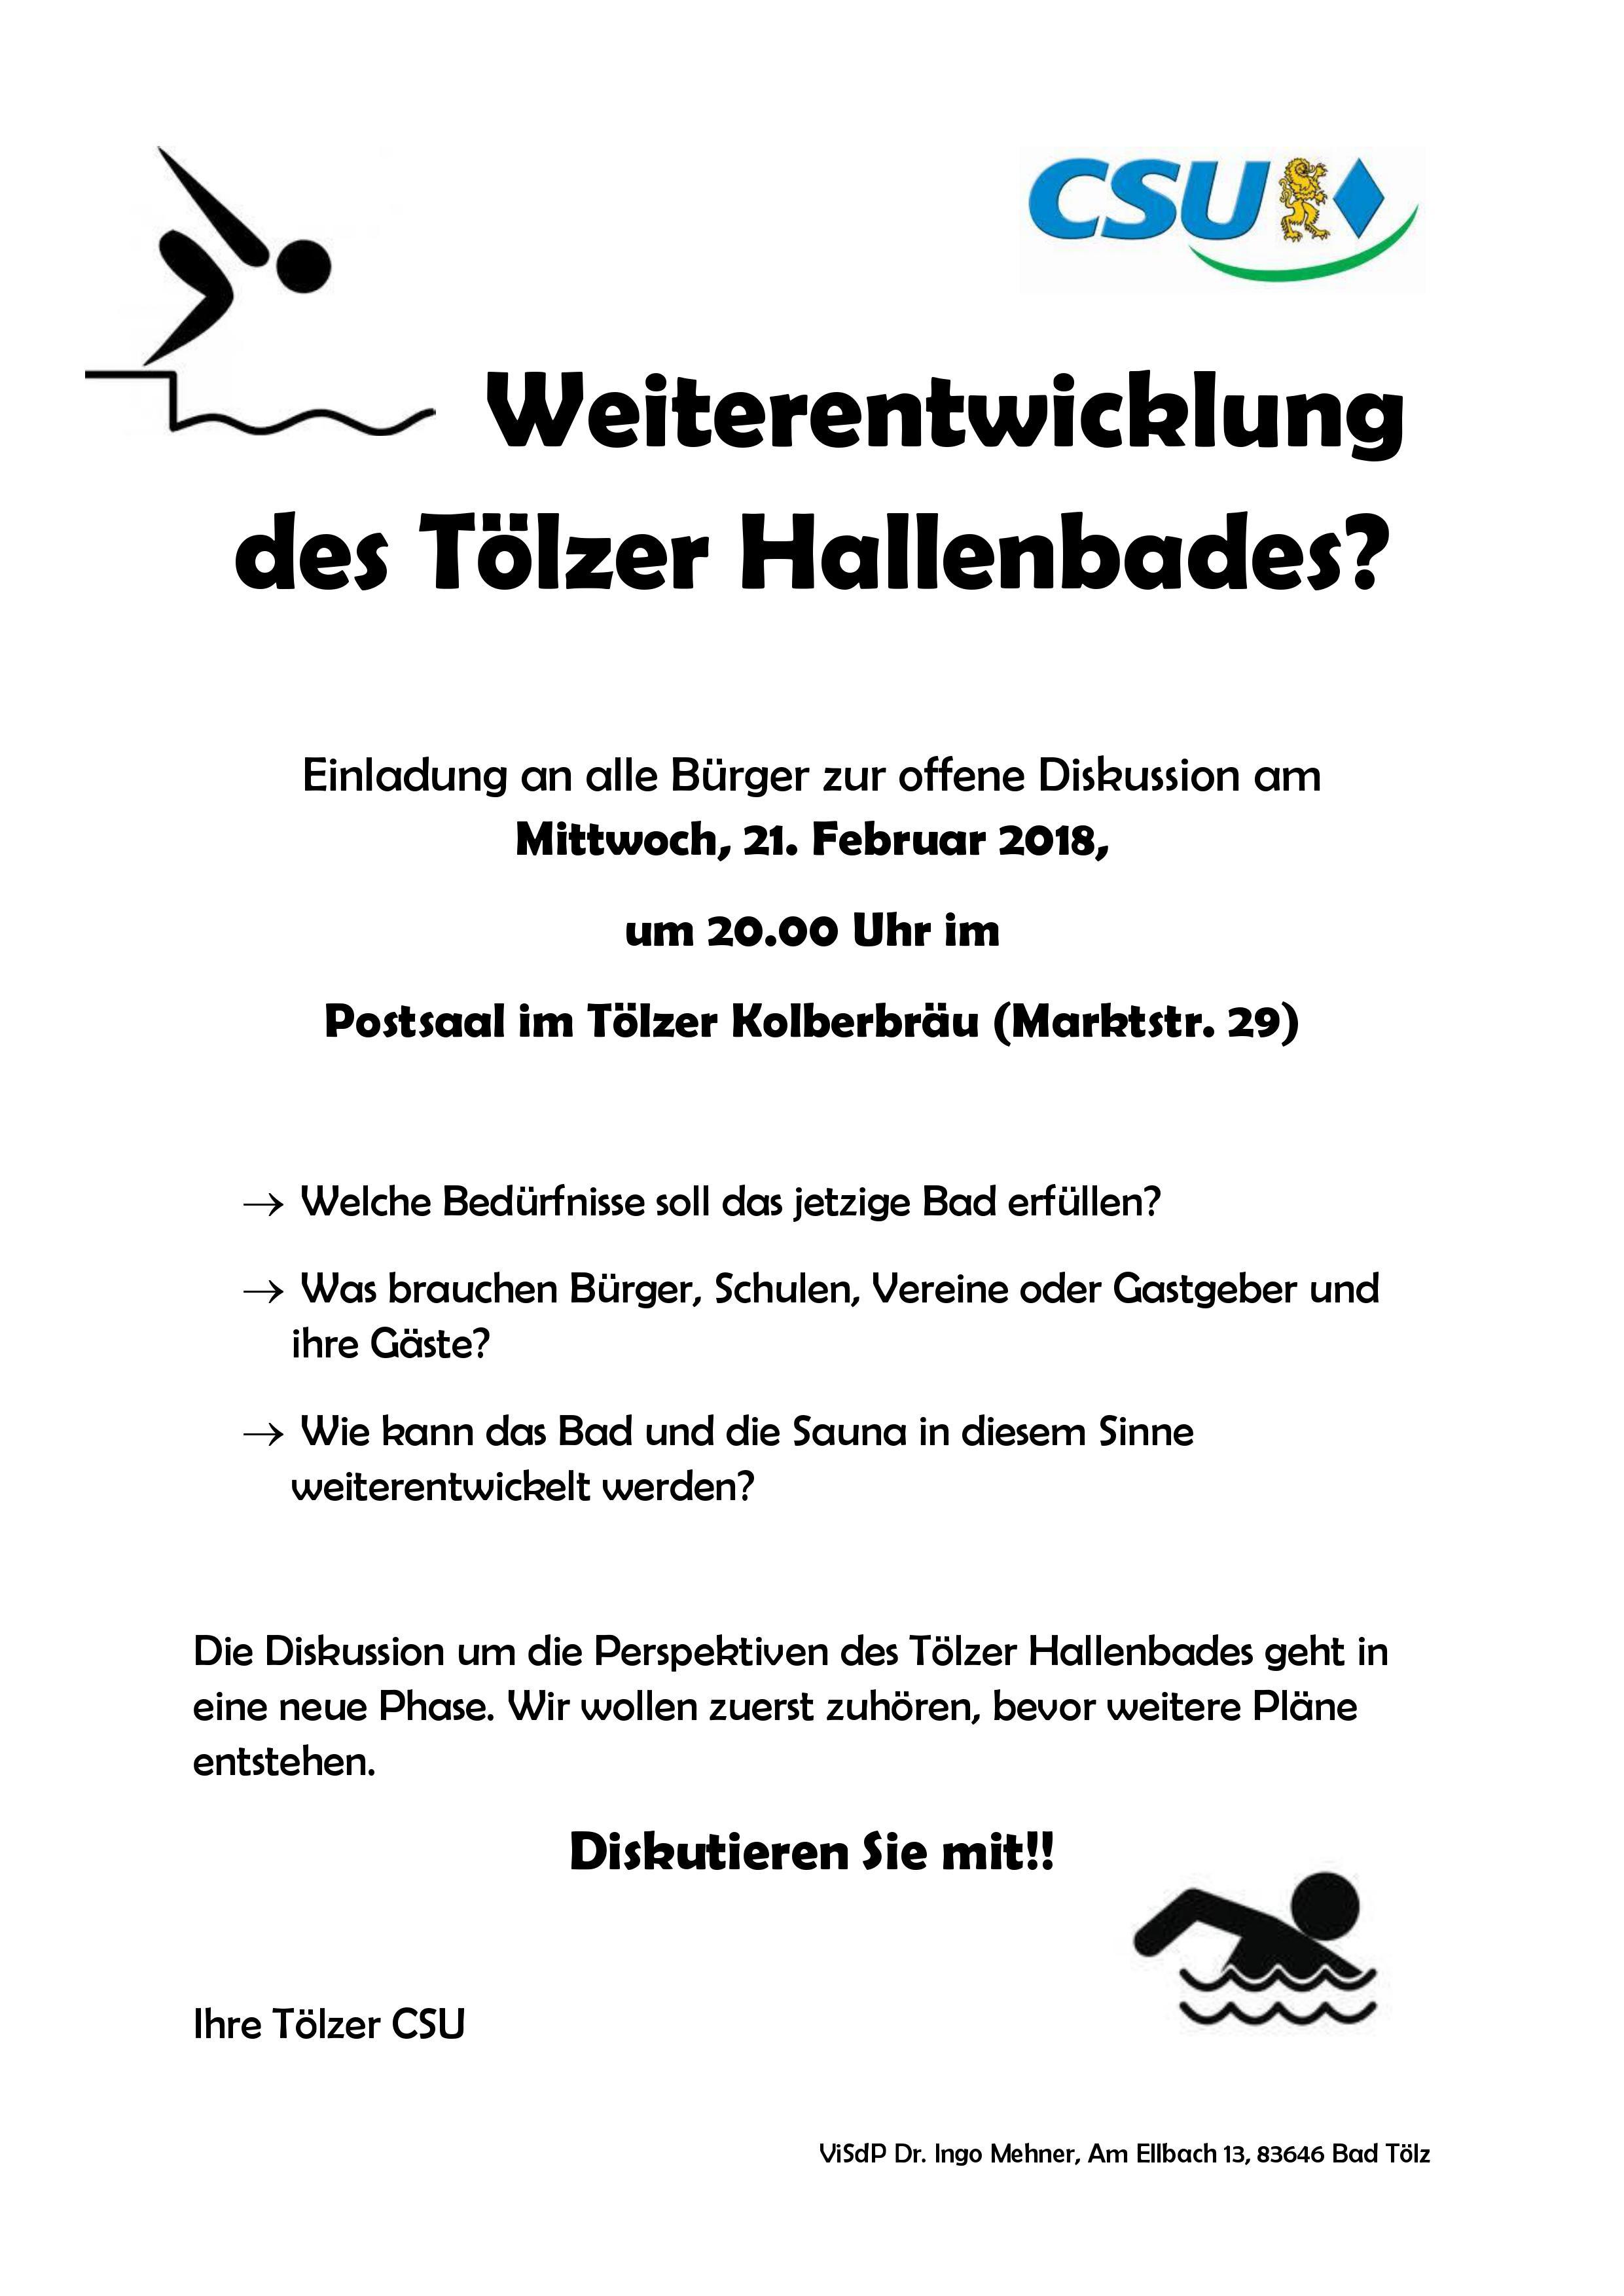 Einladung der CSU - zum Gespräch über das Hallenbad